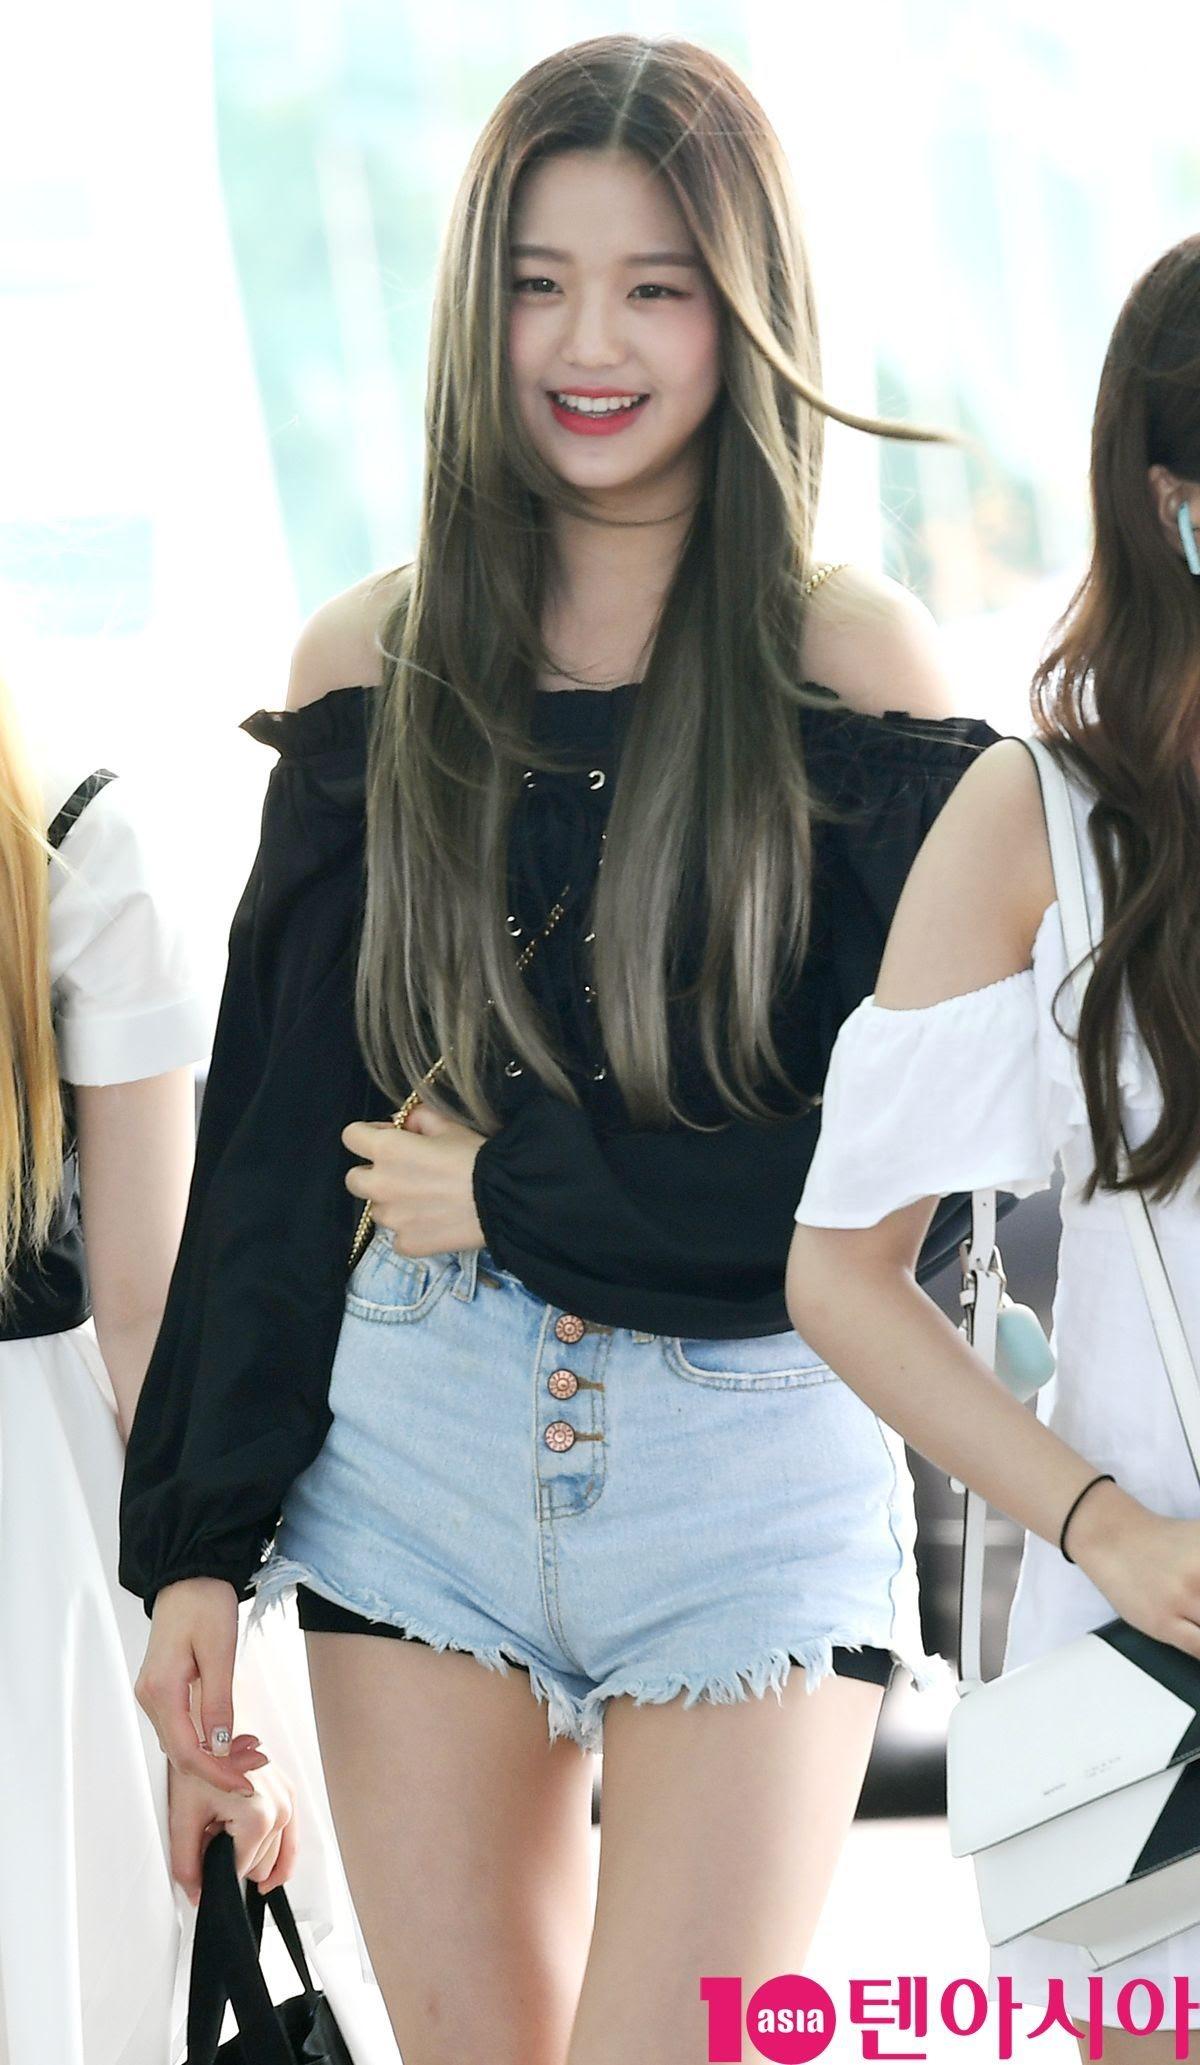 韩国记者评选最美女星,这3位偶像入选,她们真人比照片更美!插图5